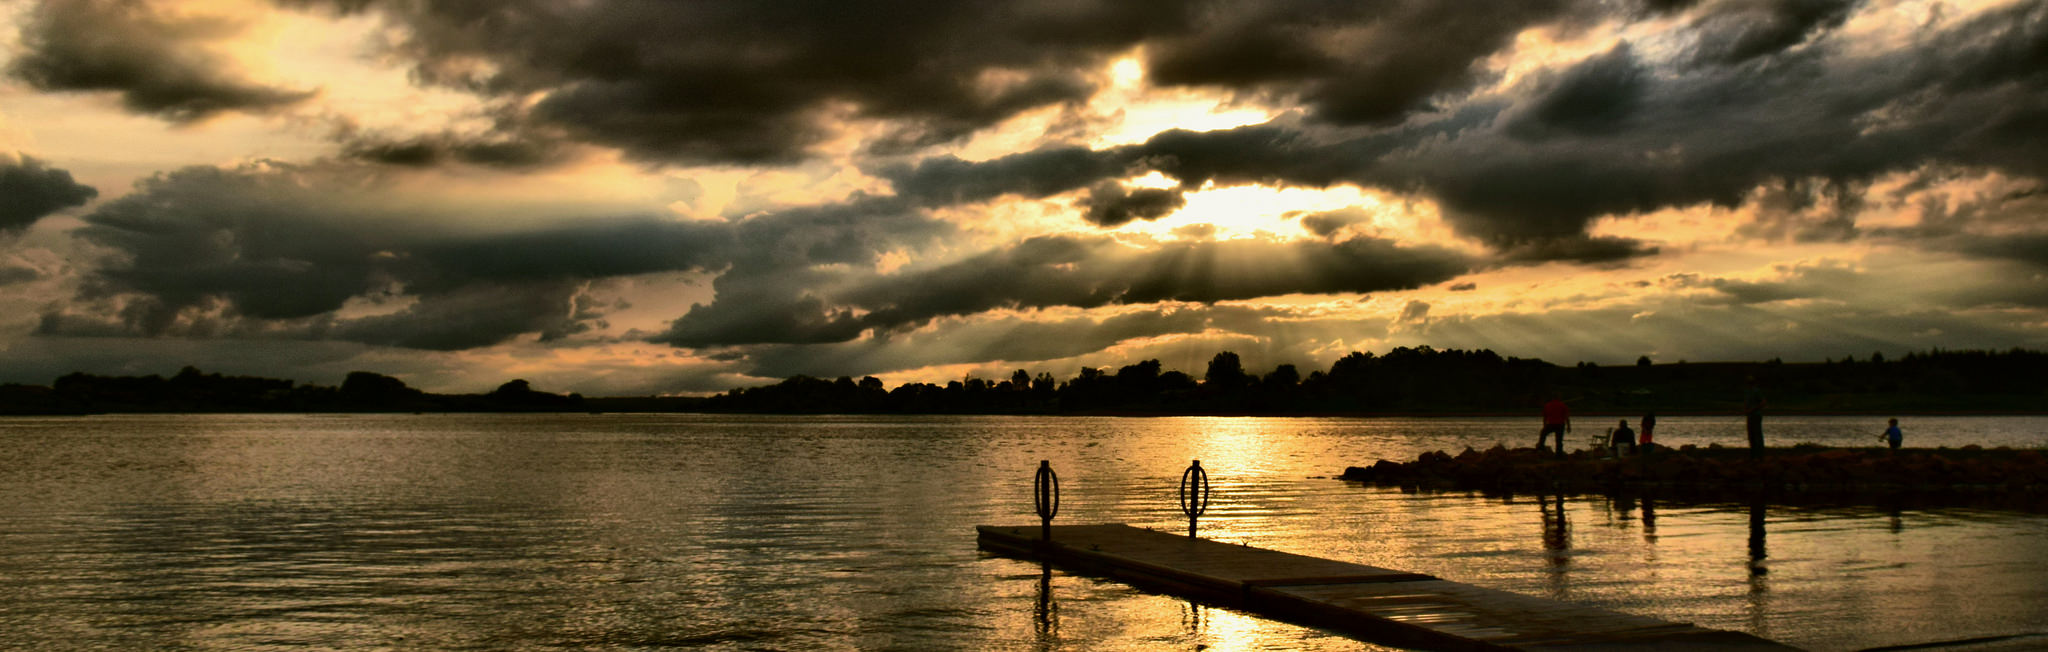 Image - Sunset Fishing.jpg